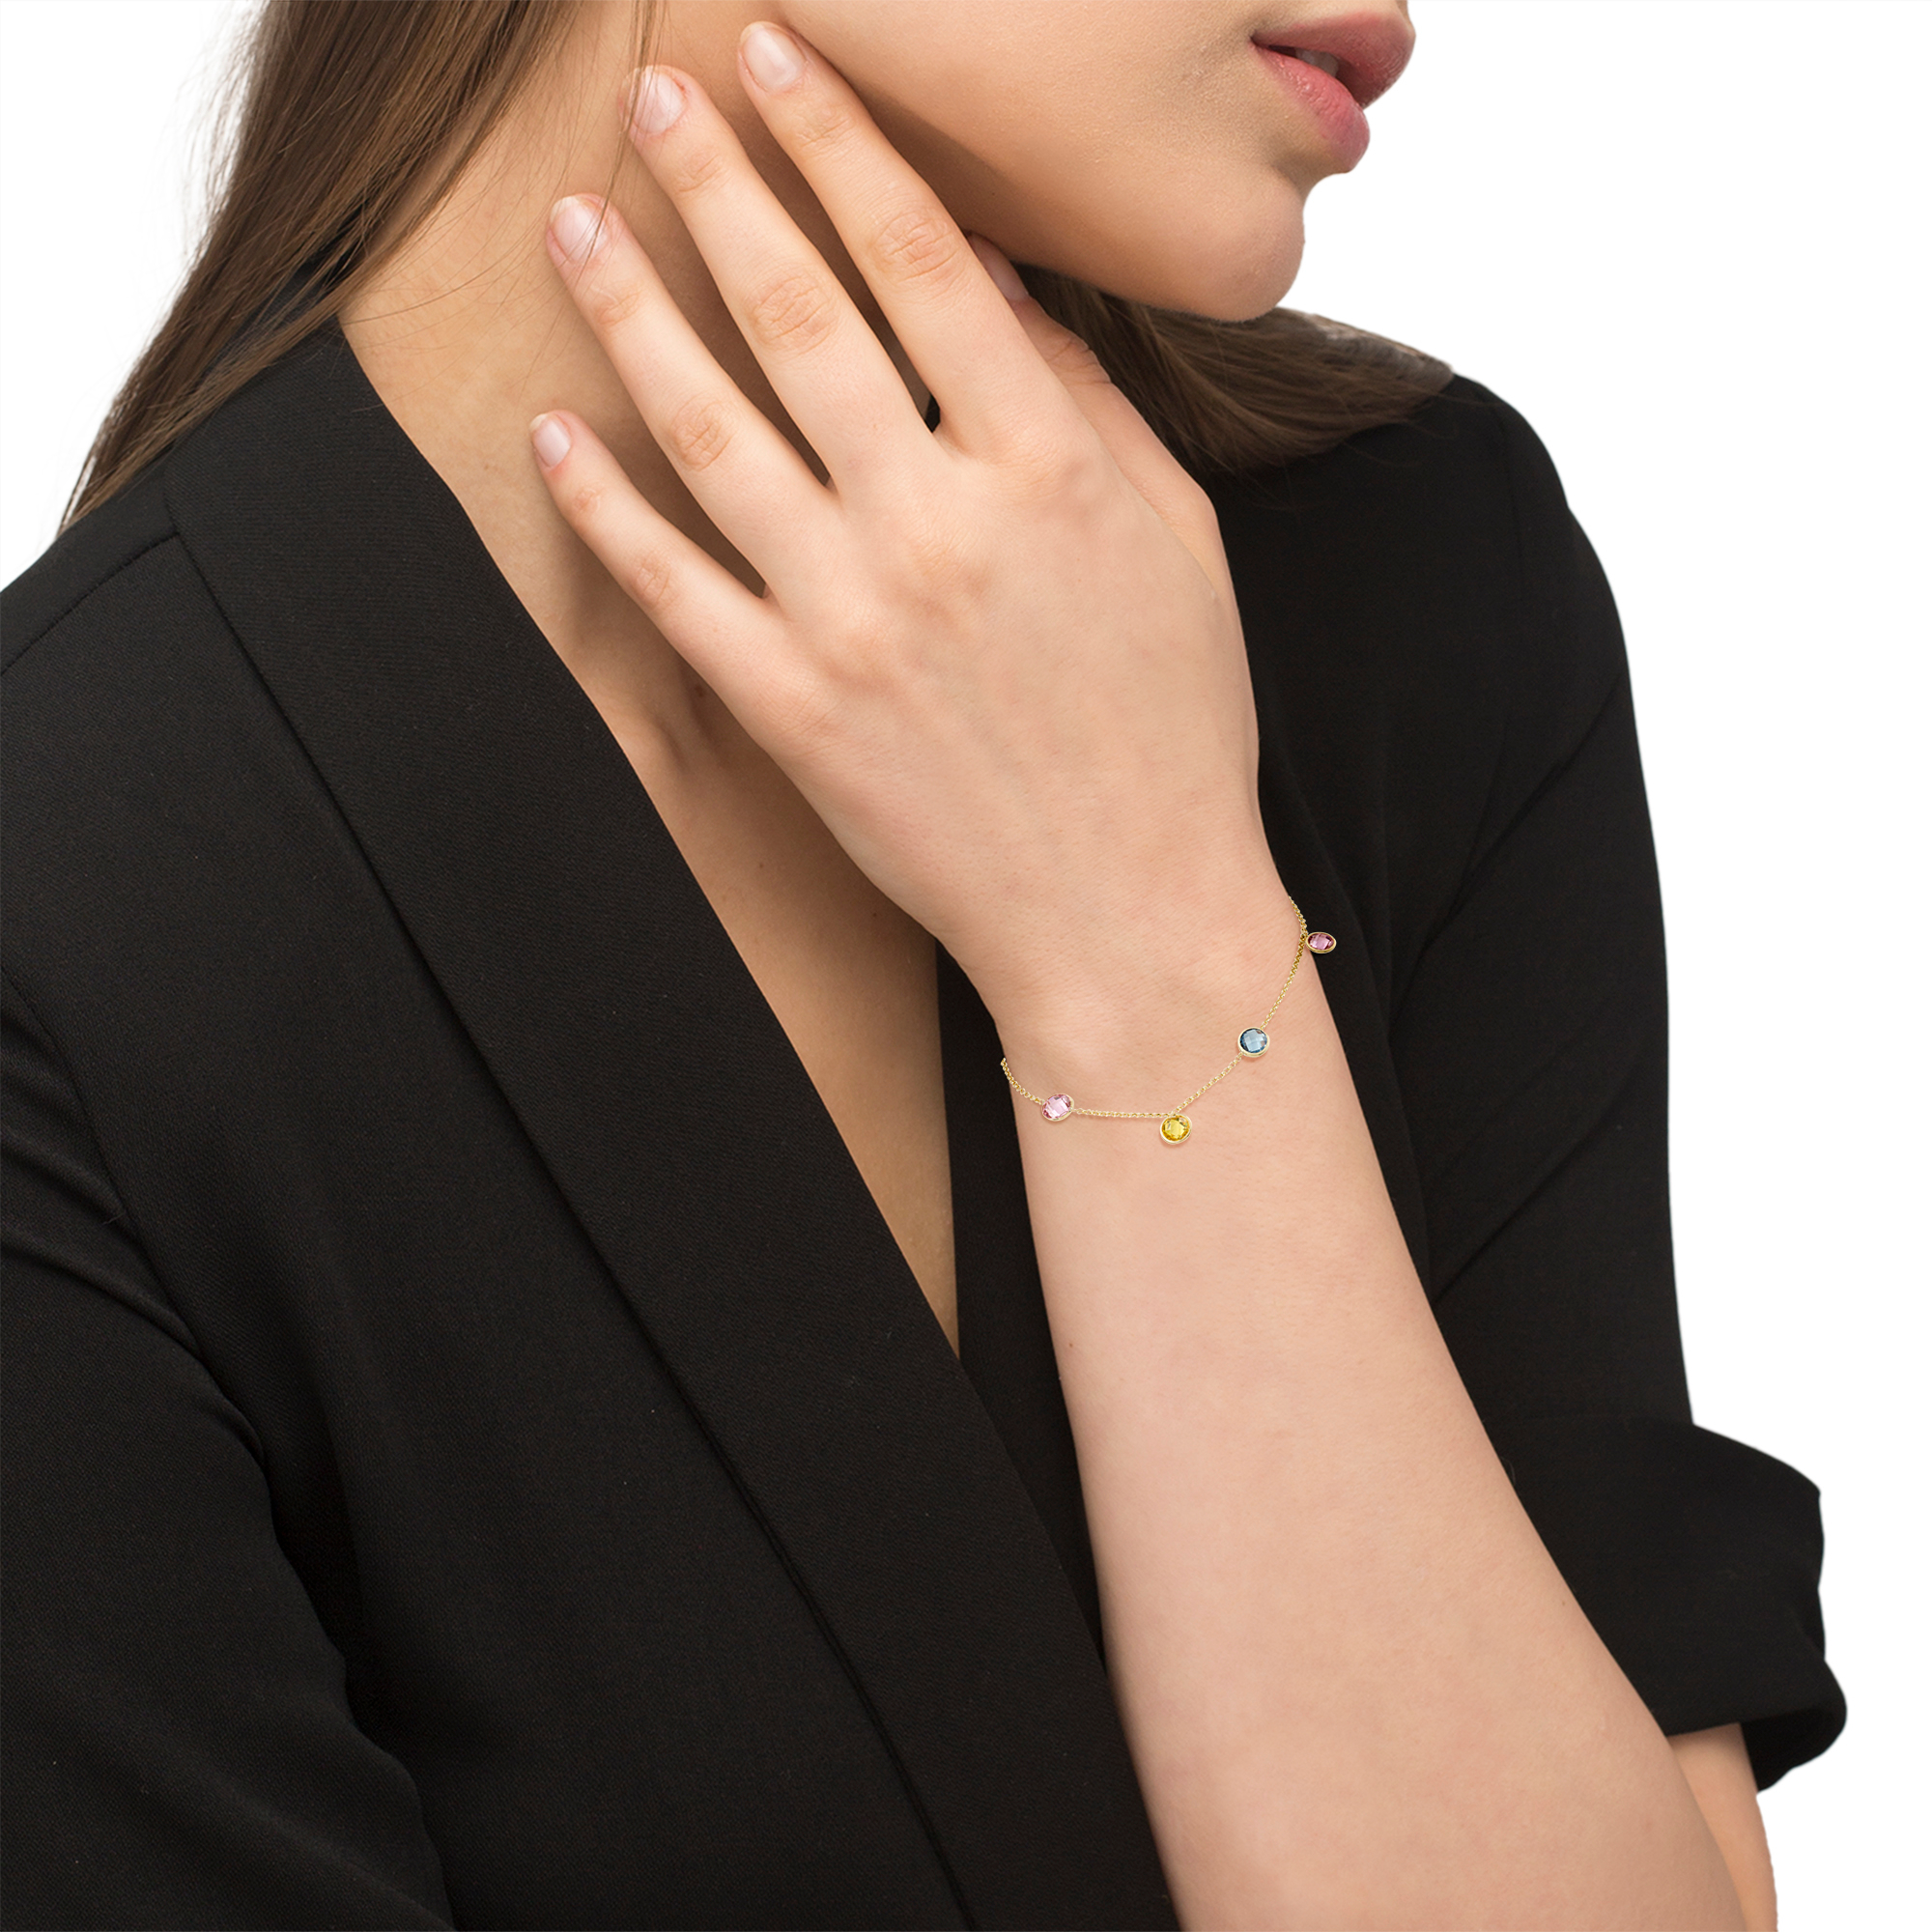 Armband für Damen, Gold 375, Zirkonia